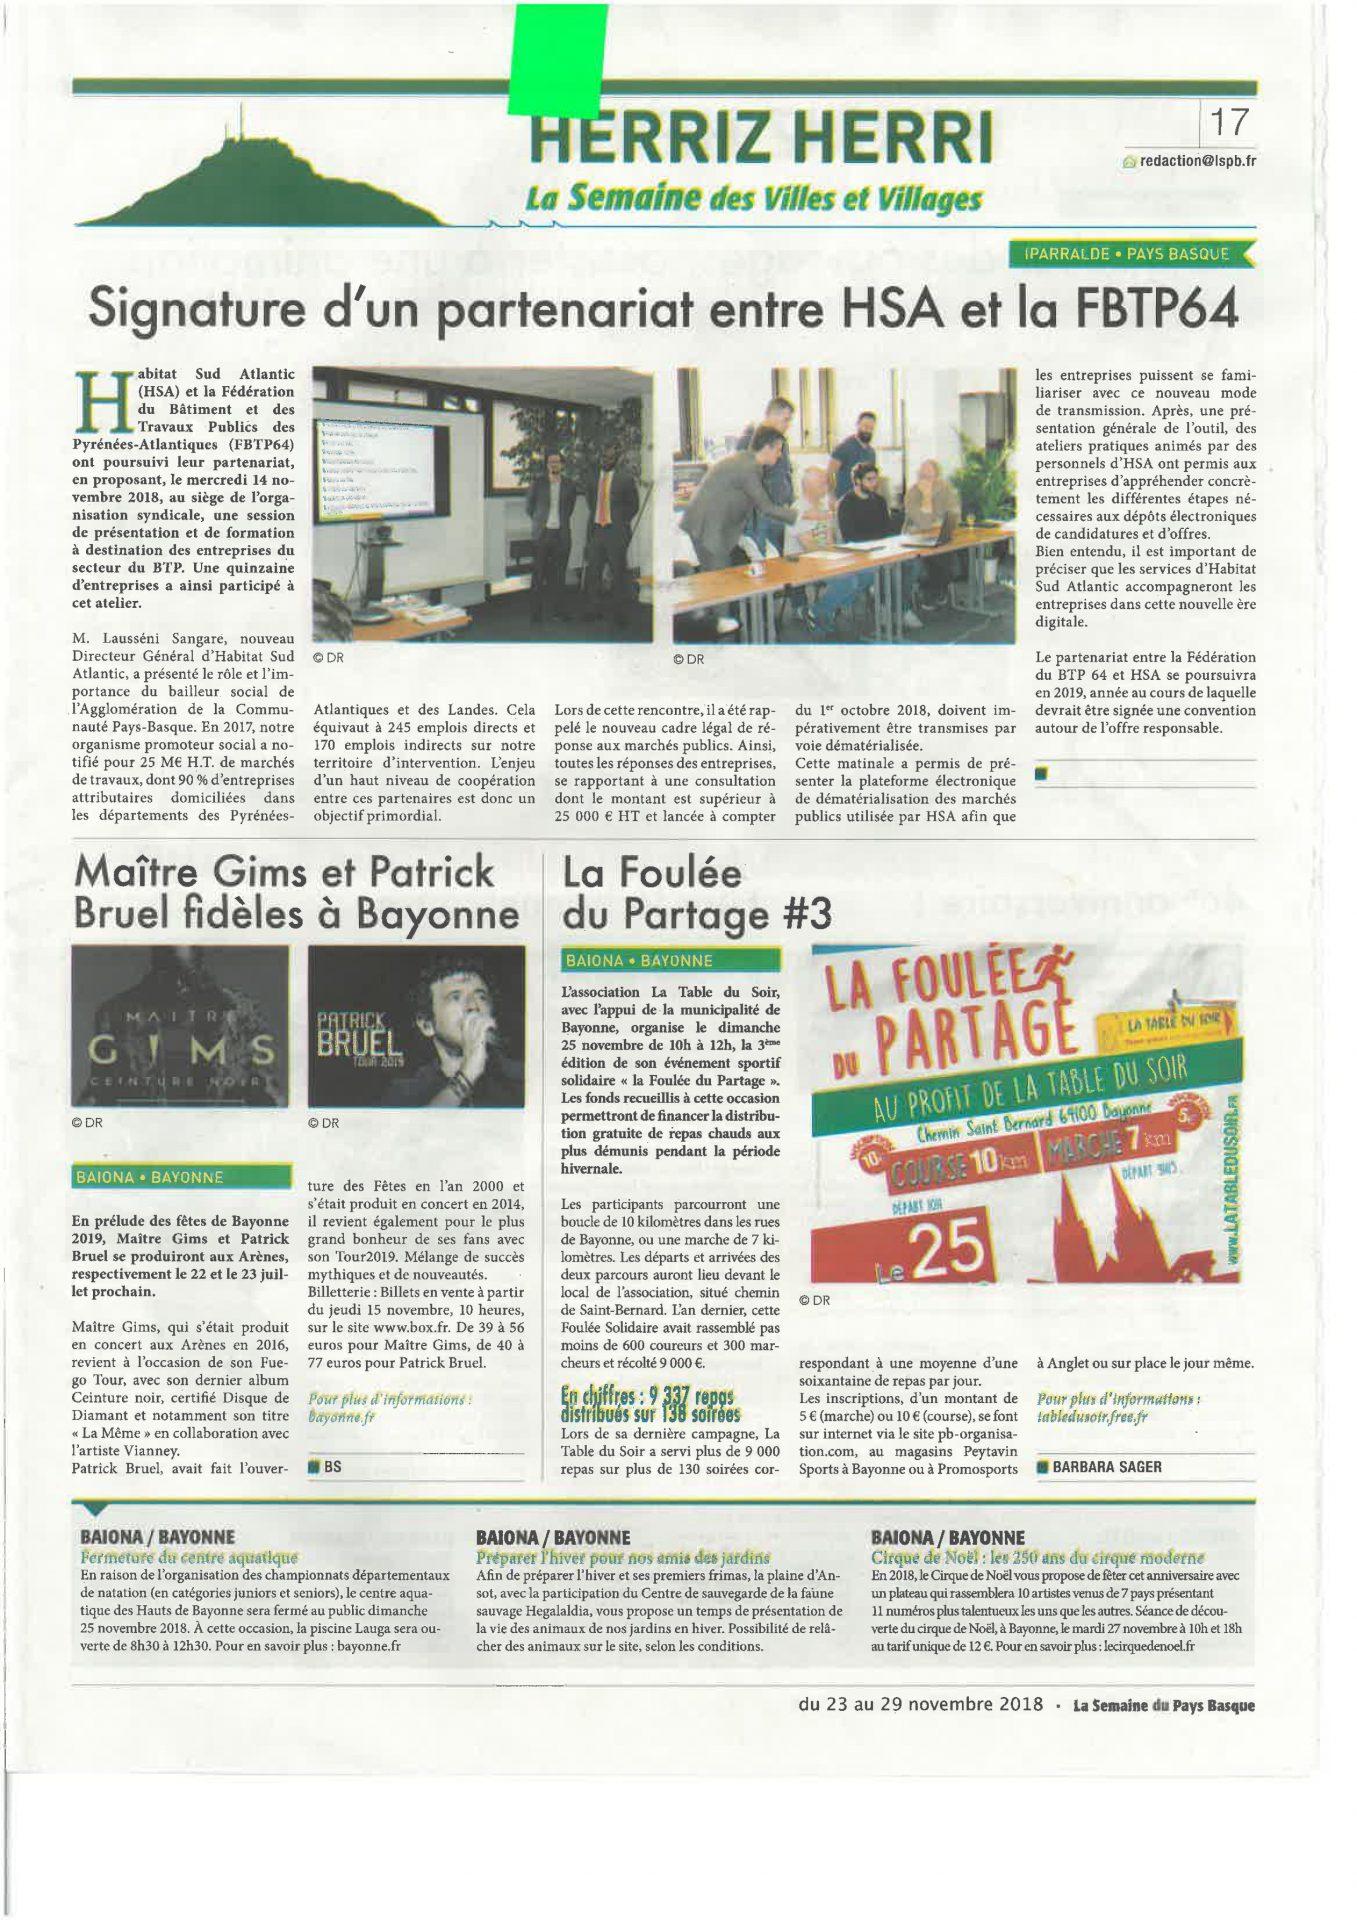 Revue De Presse - Habitat Sud Atlantic - L'office ... encequiconcerne Centre Aquatique Des Hauts De Bayonne Piscine Bayonne